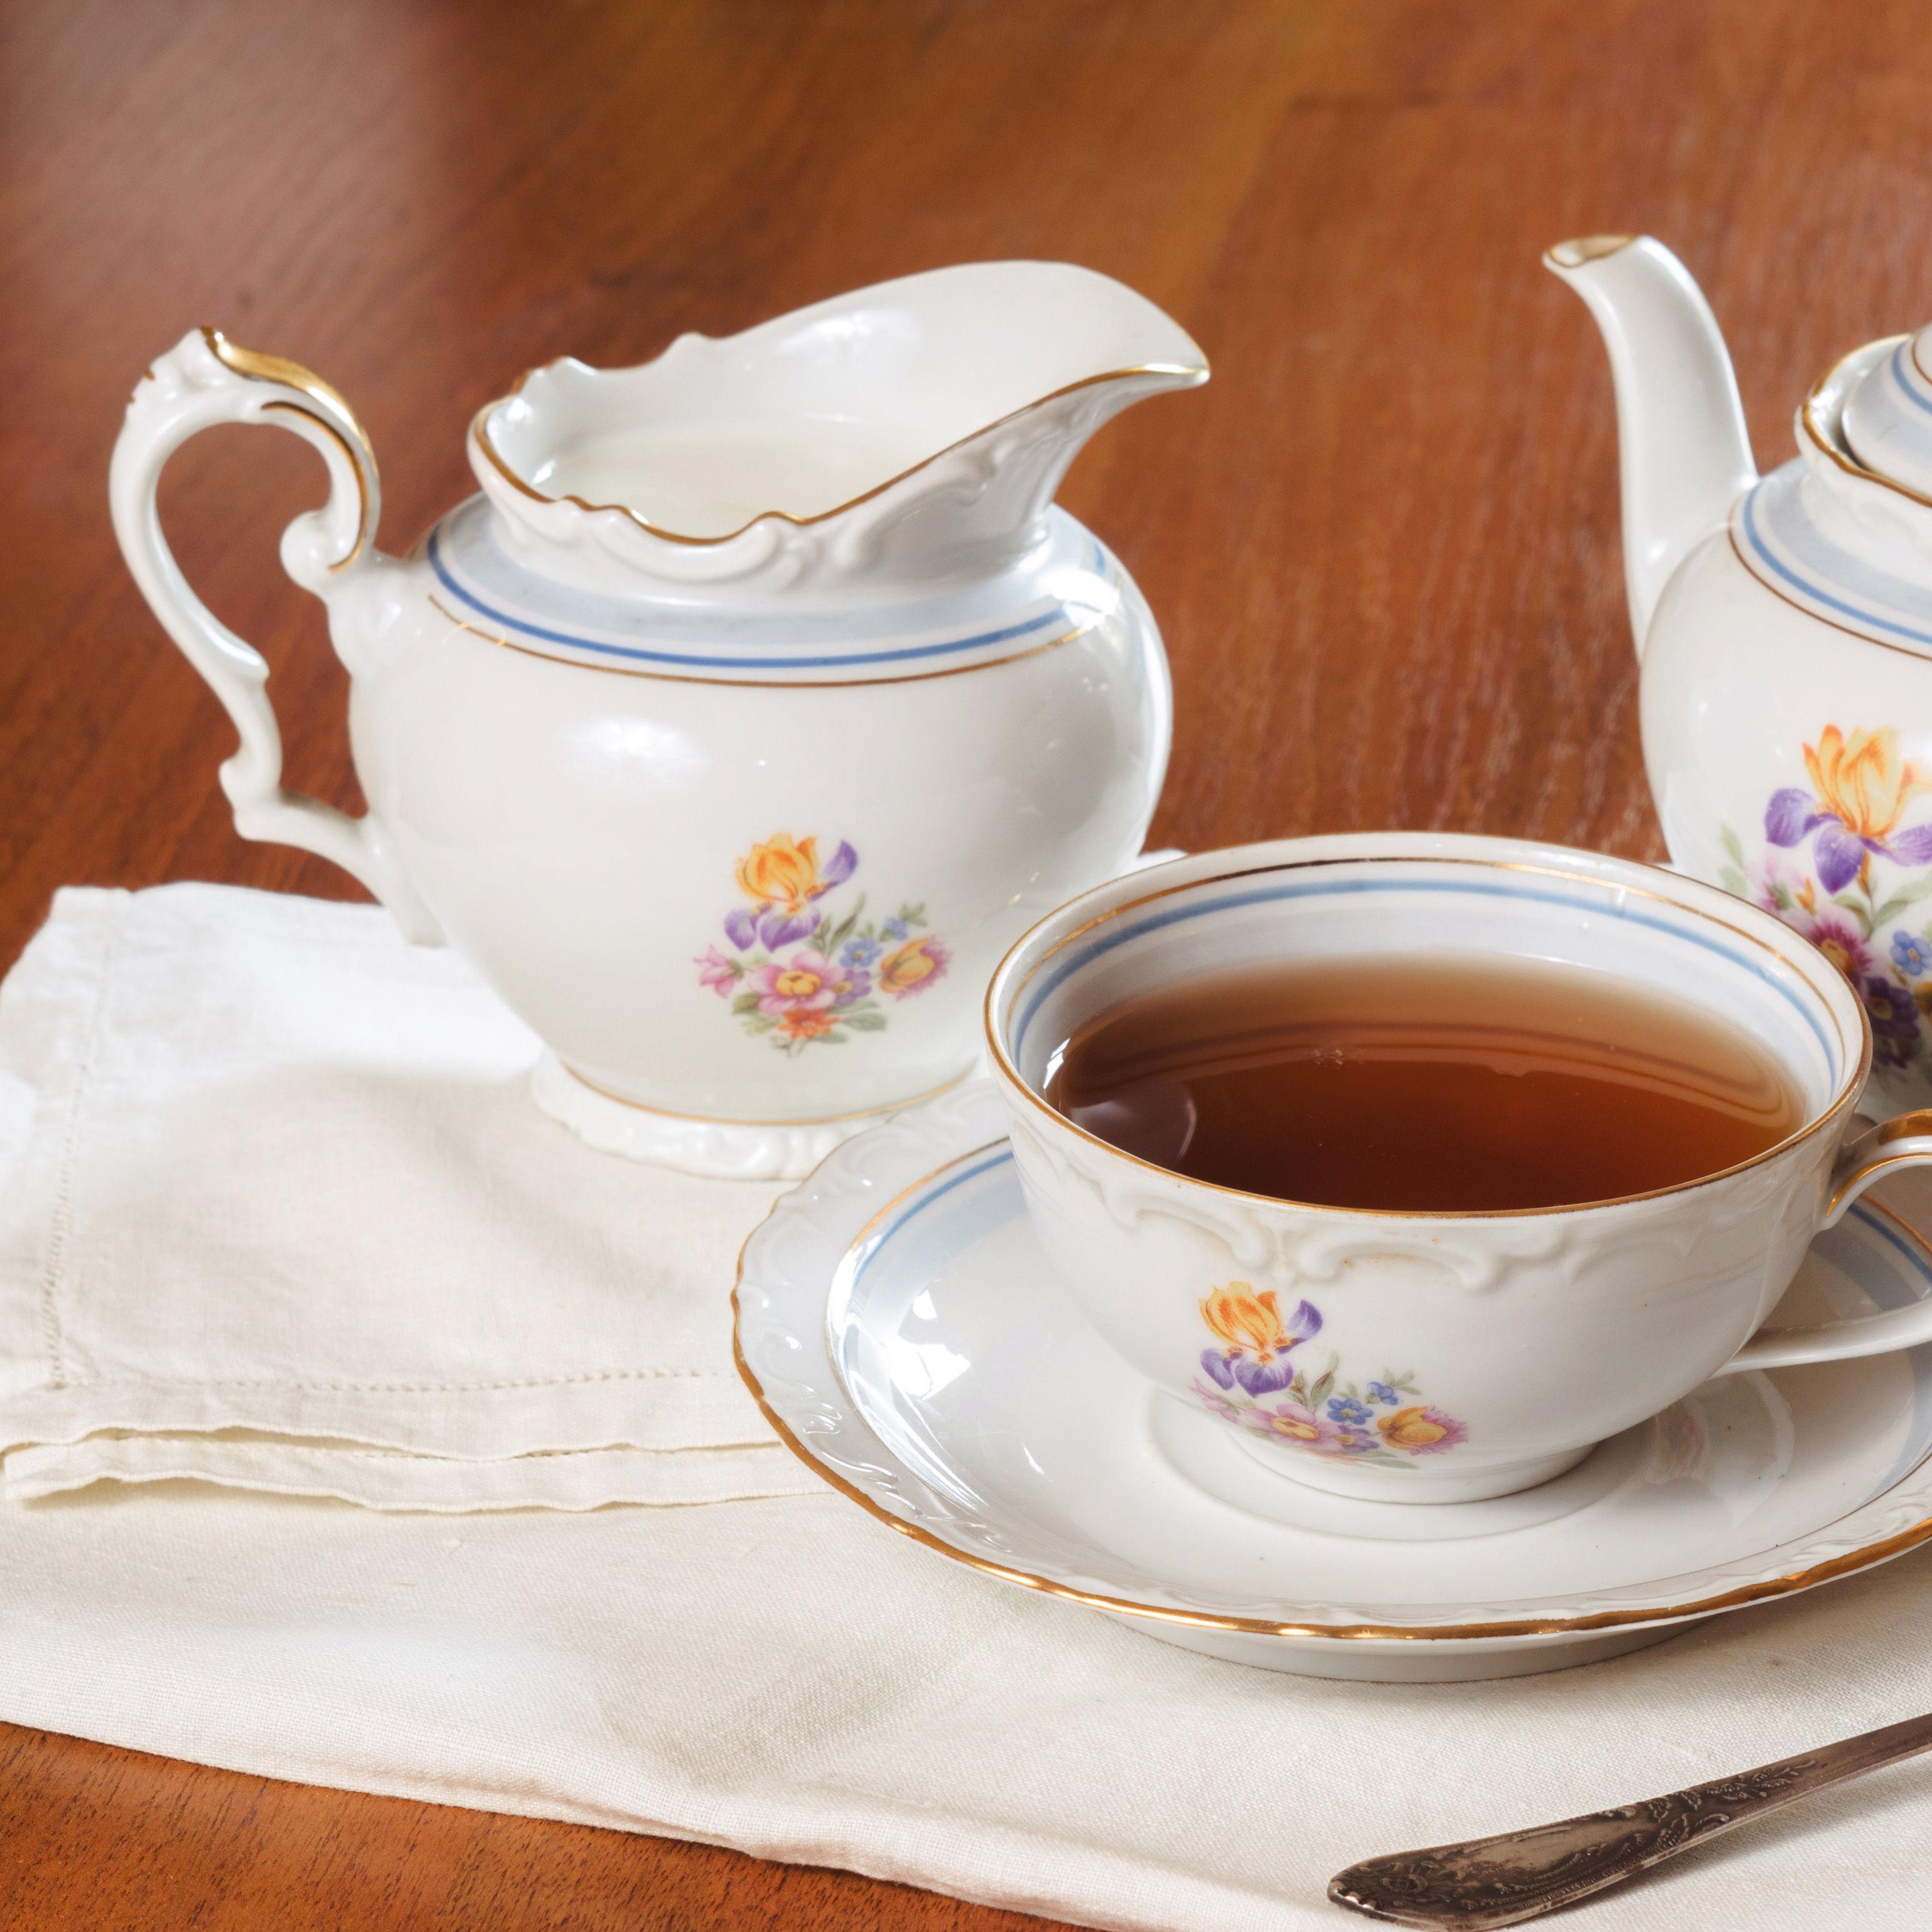 Tea party aa0ius